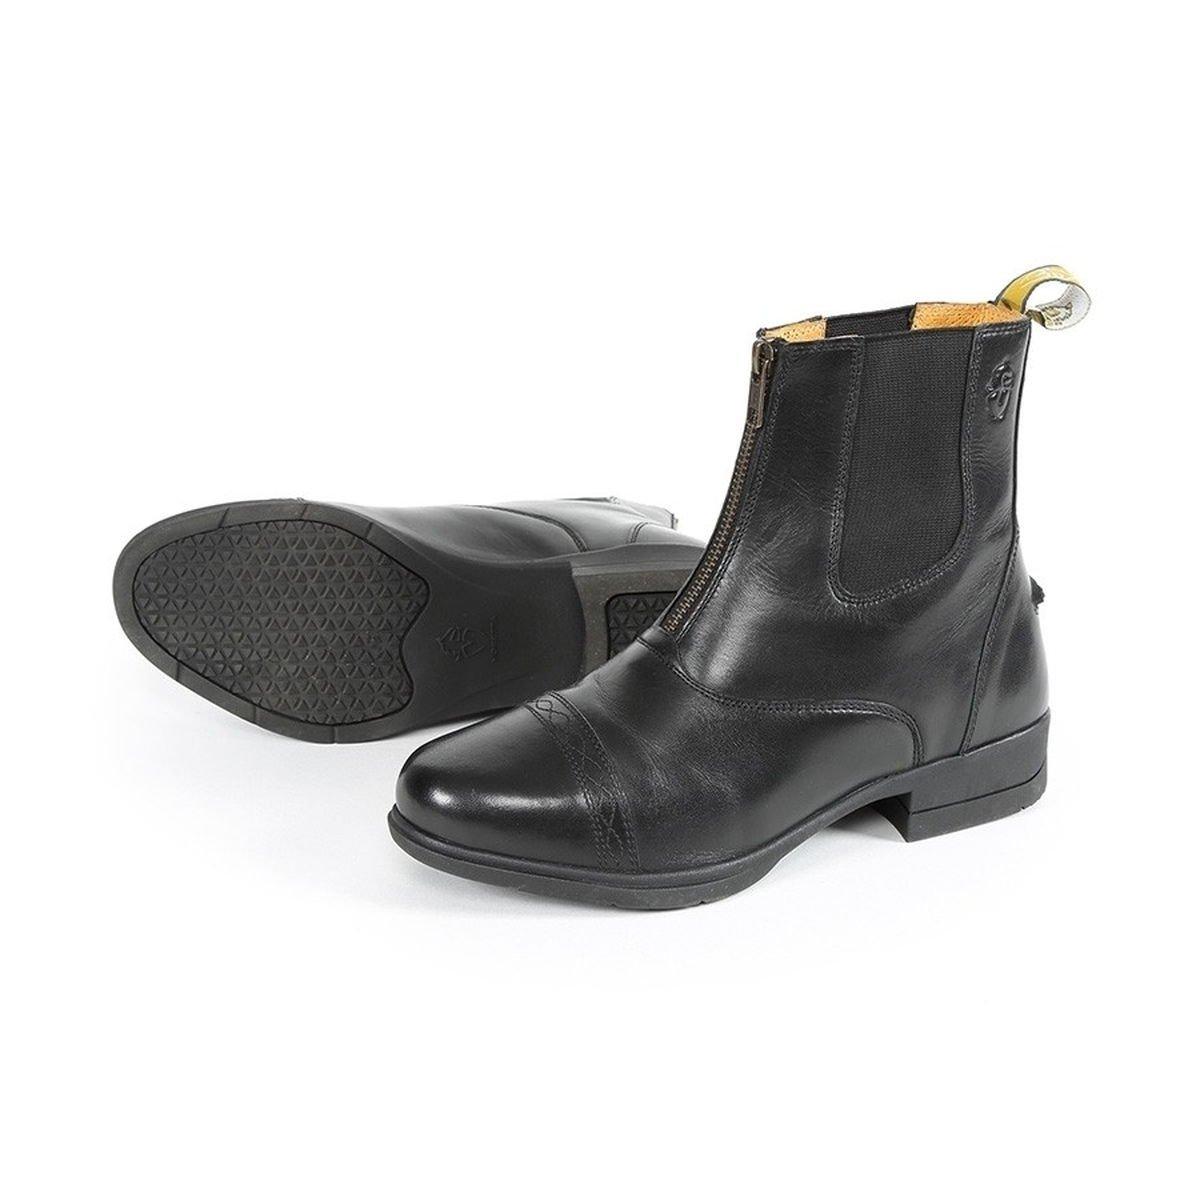 Rosatta-Stiefel für Erwachsene von Moretta und Shires in Schwarz